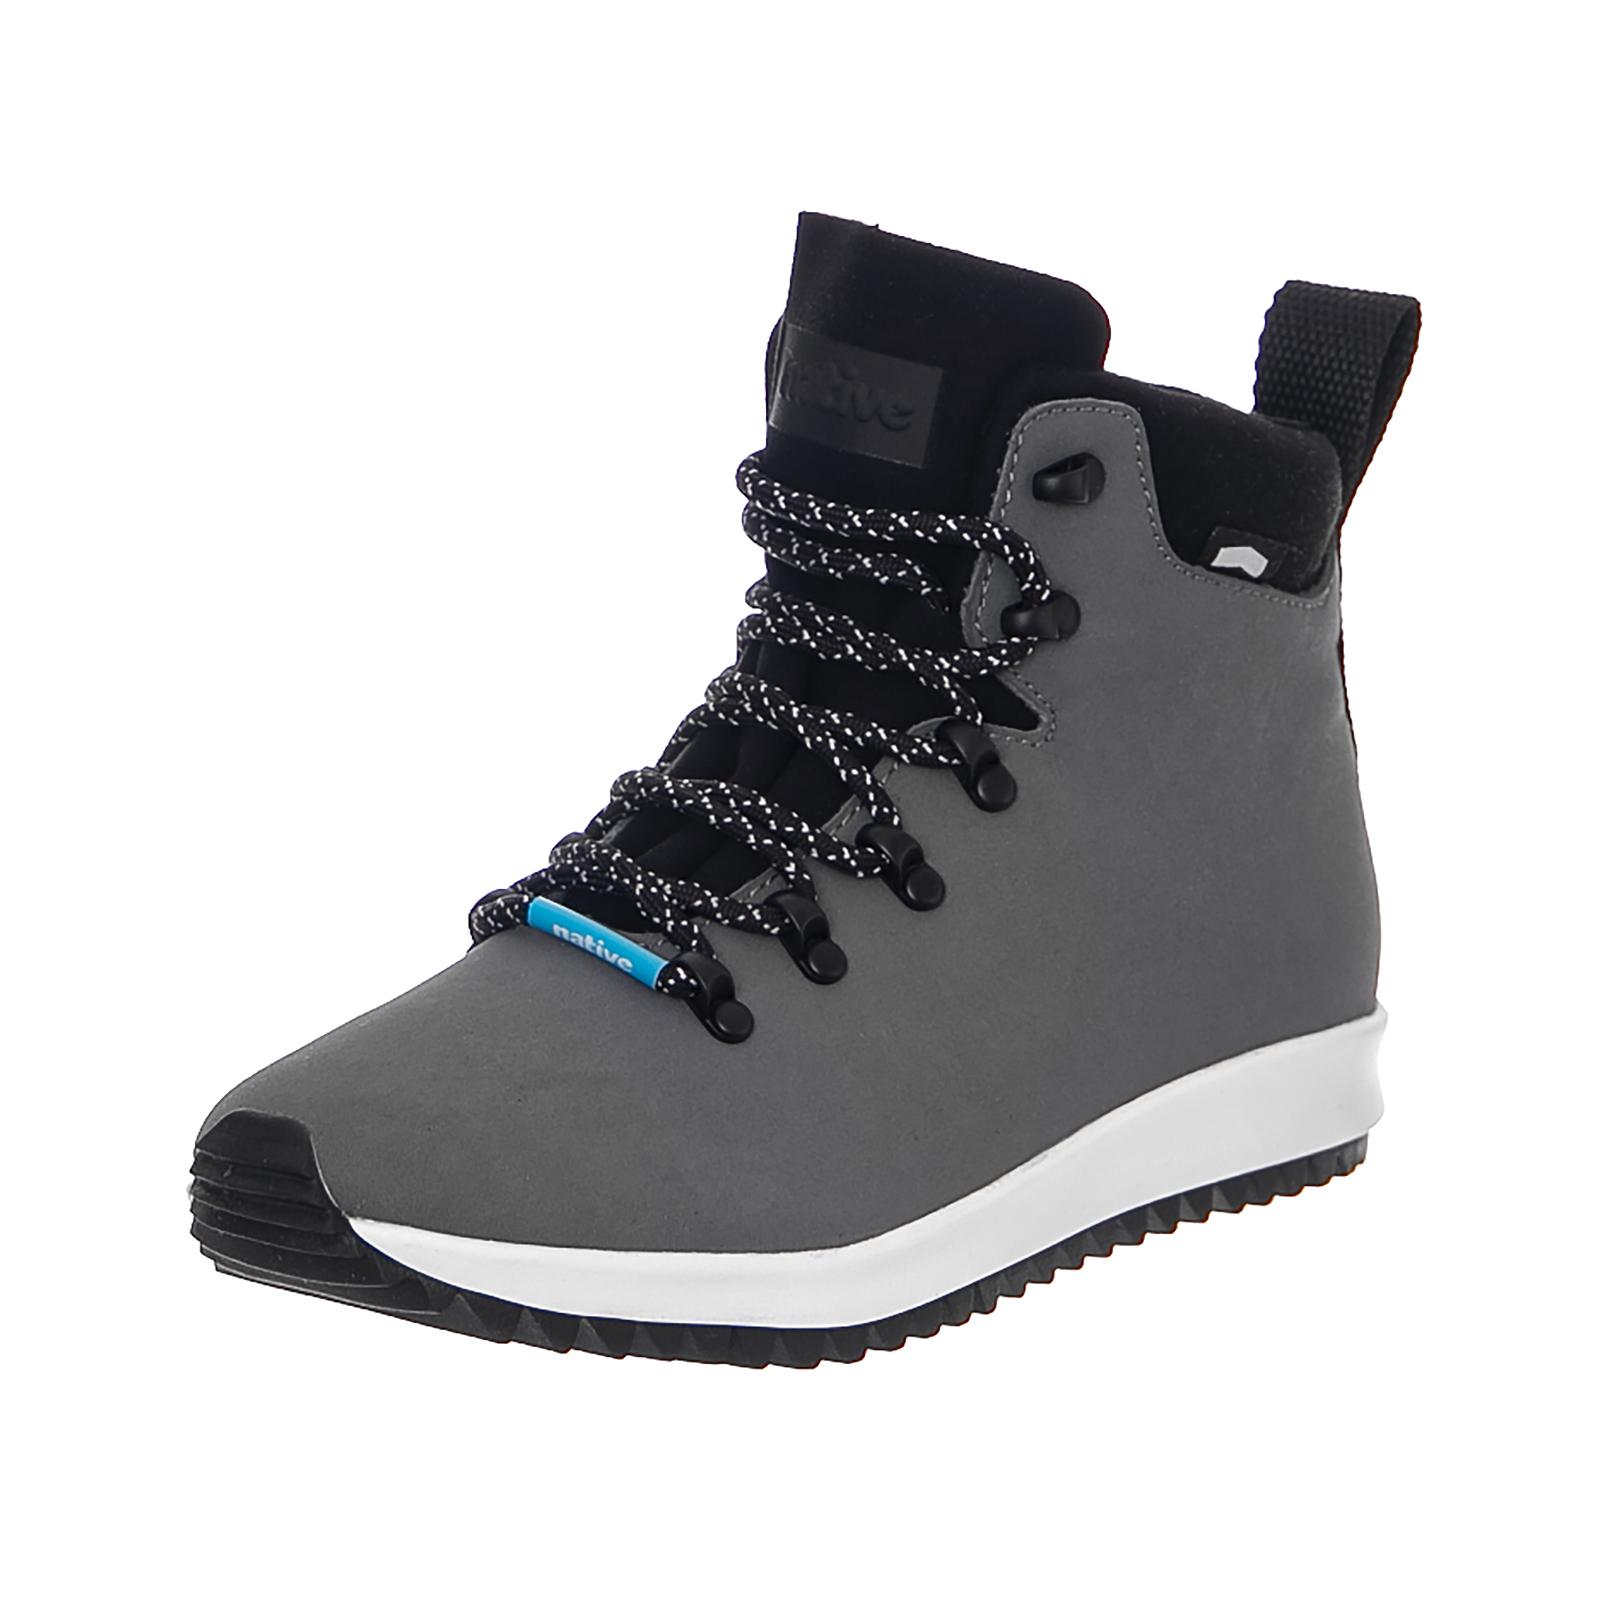 Gran descuento Barato y cómodo Native Zapatillas 2 Ap Apex 1453 Dublin Grey/ Shlwht/ Jfyrb Grigio